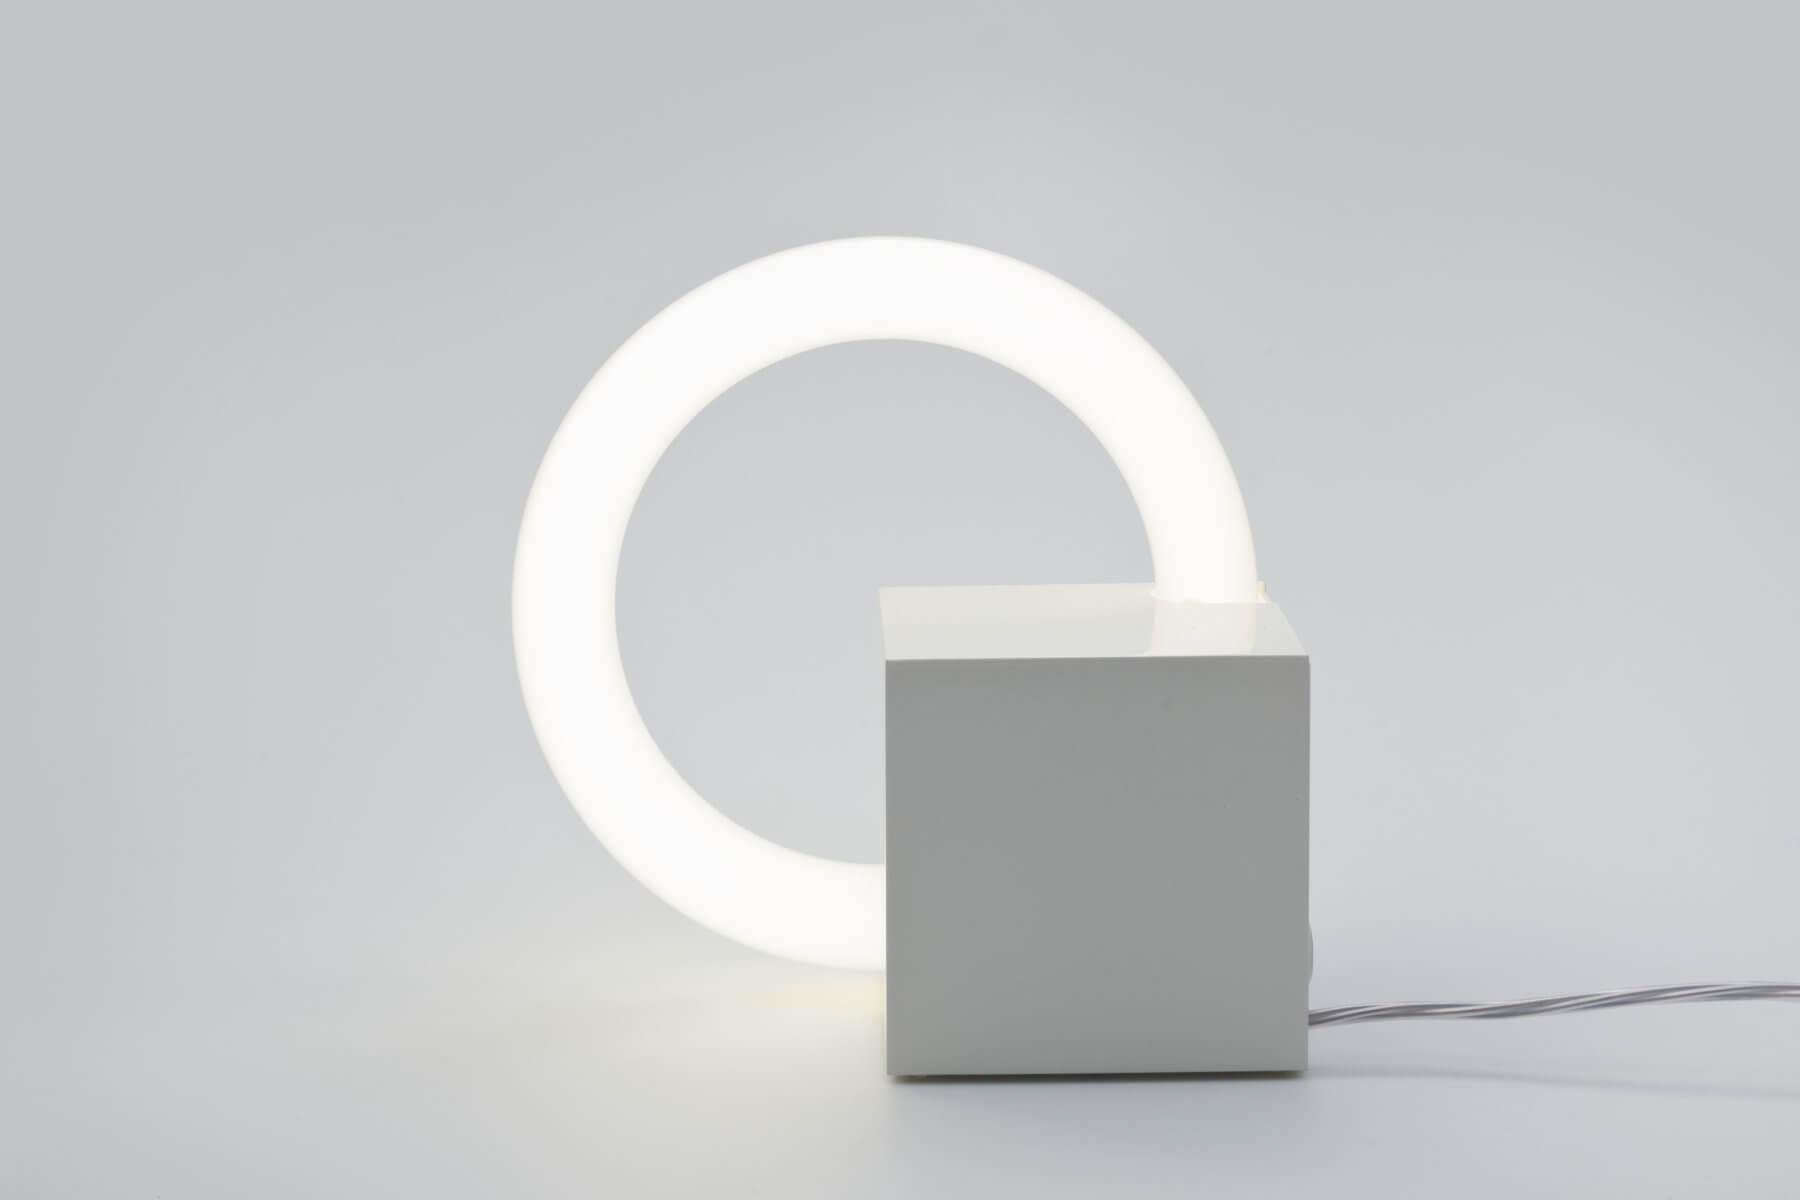 Fluorescent Cube lamp by Aldo van den Nieuwelaar